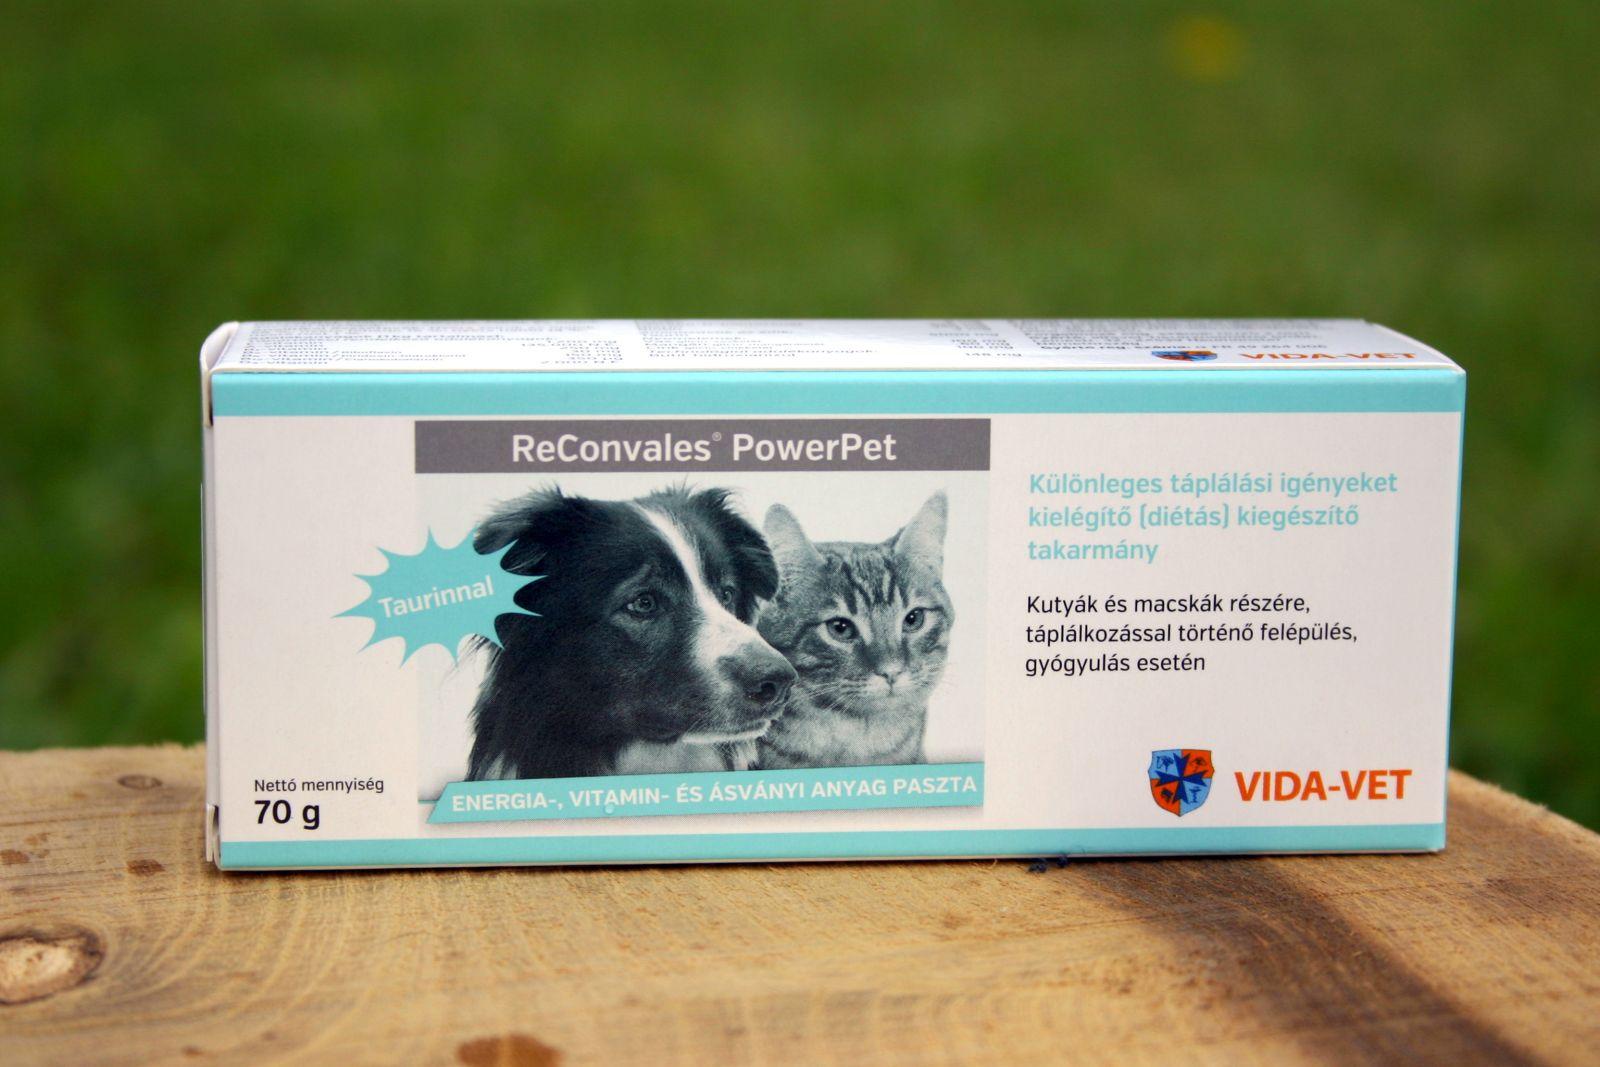 Reconvales® PowerPet 70g - energia és vitamin paszta kutyáknak és macskáknak. Taurinnal